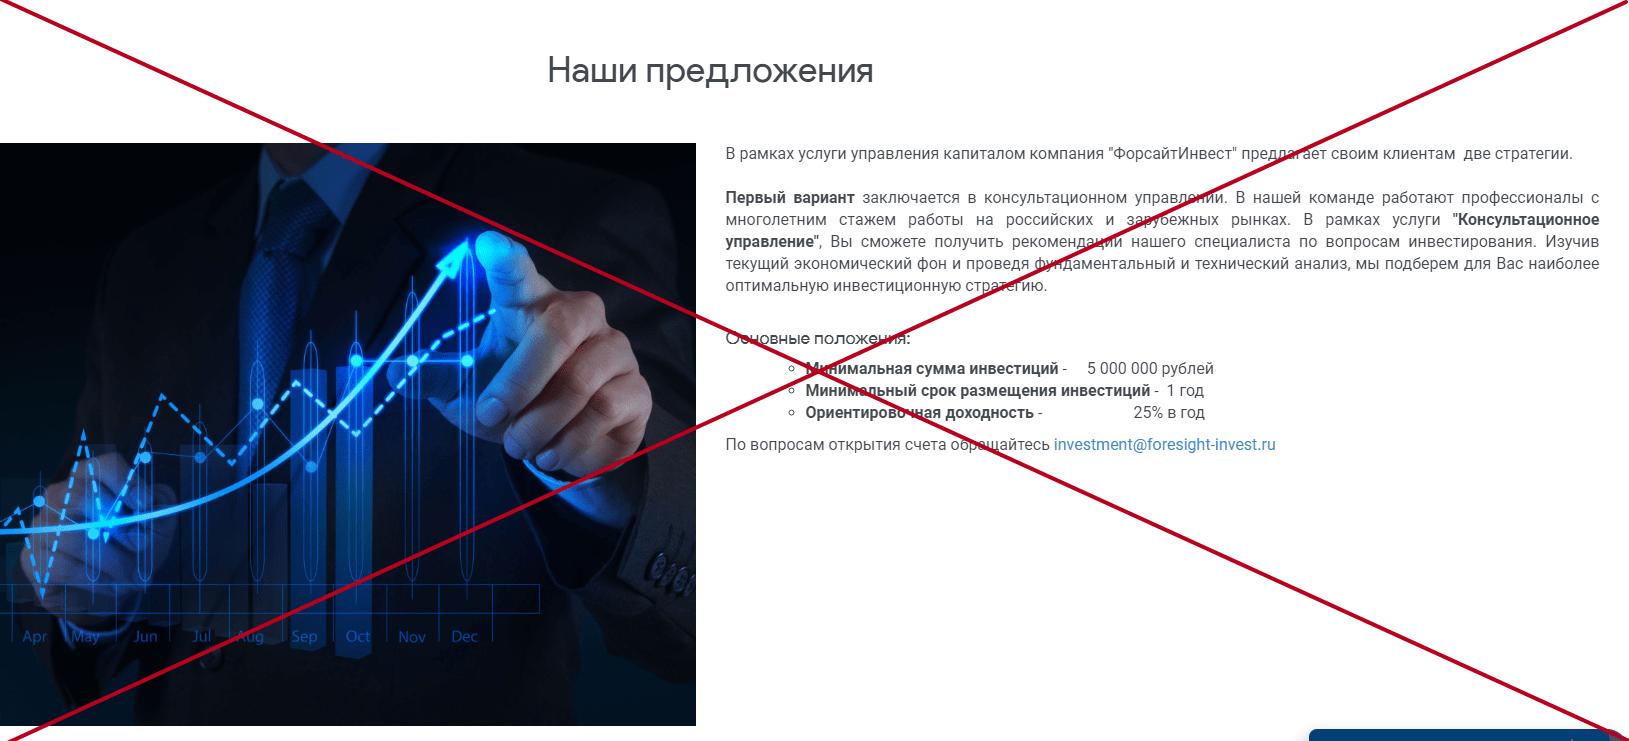 Форсайт Инвест (foresight-invest.ru) - отзывы. Честные инвестиции?